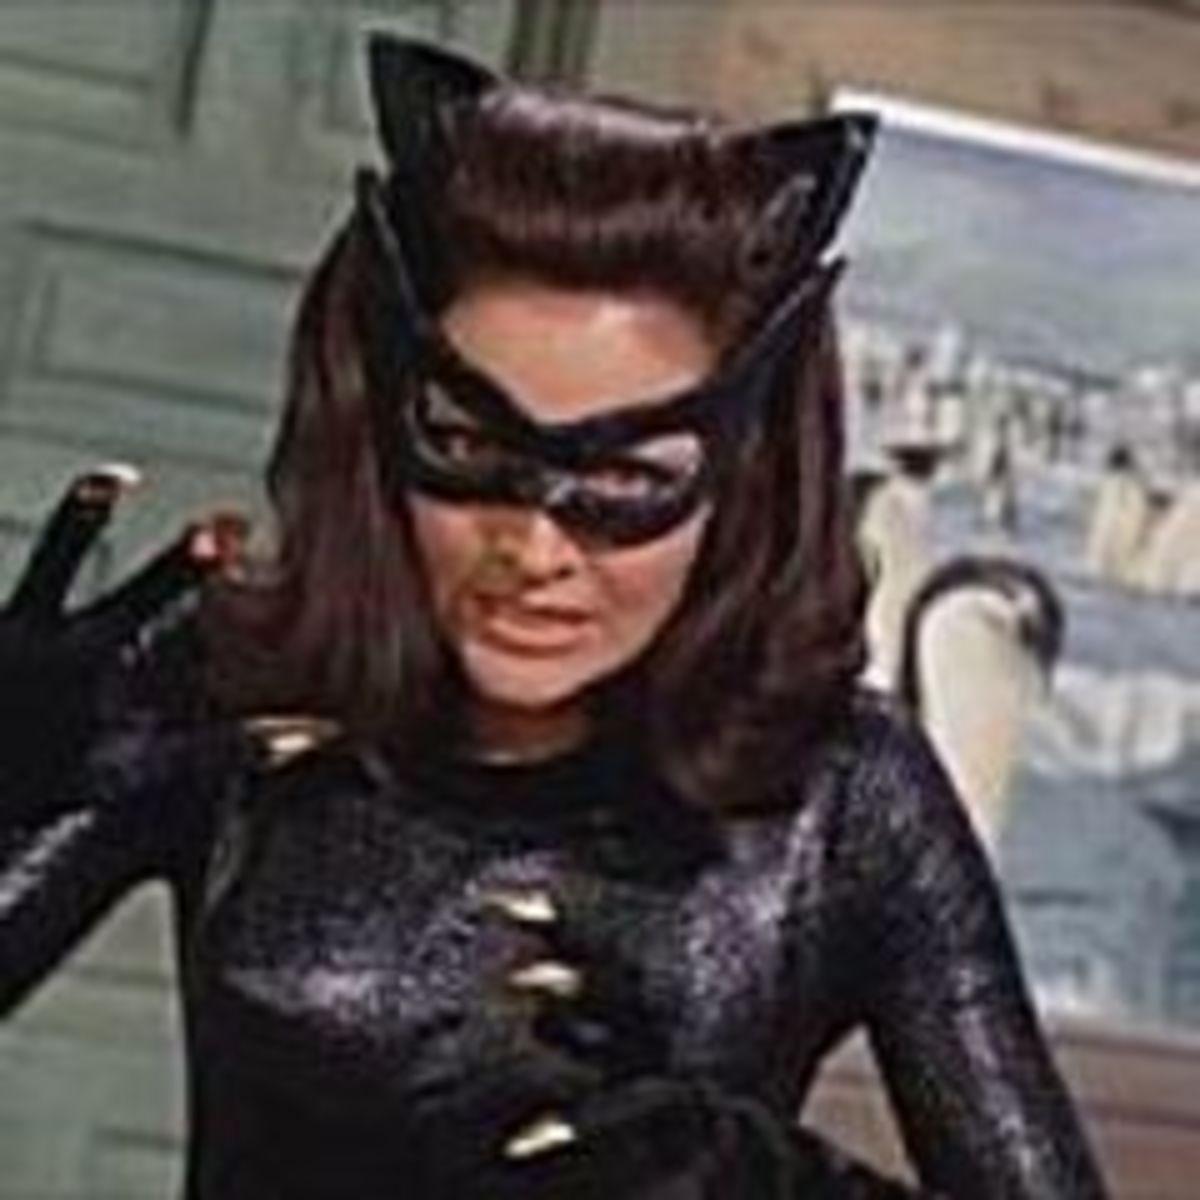 Lee Meriwether as Catwoman in Batman movie